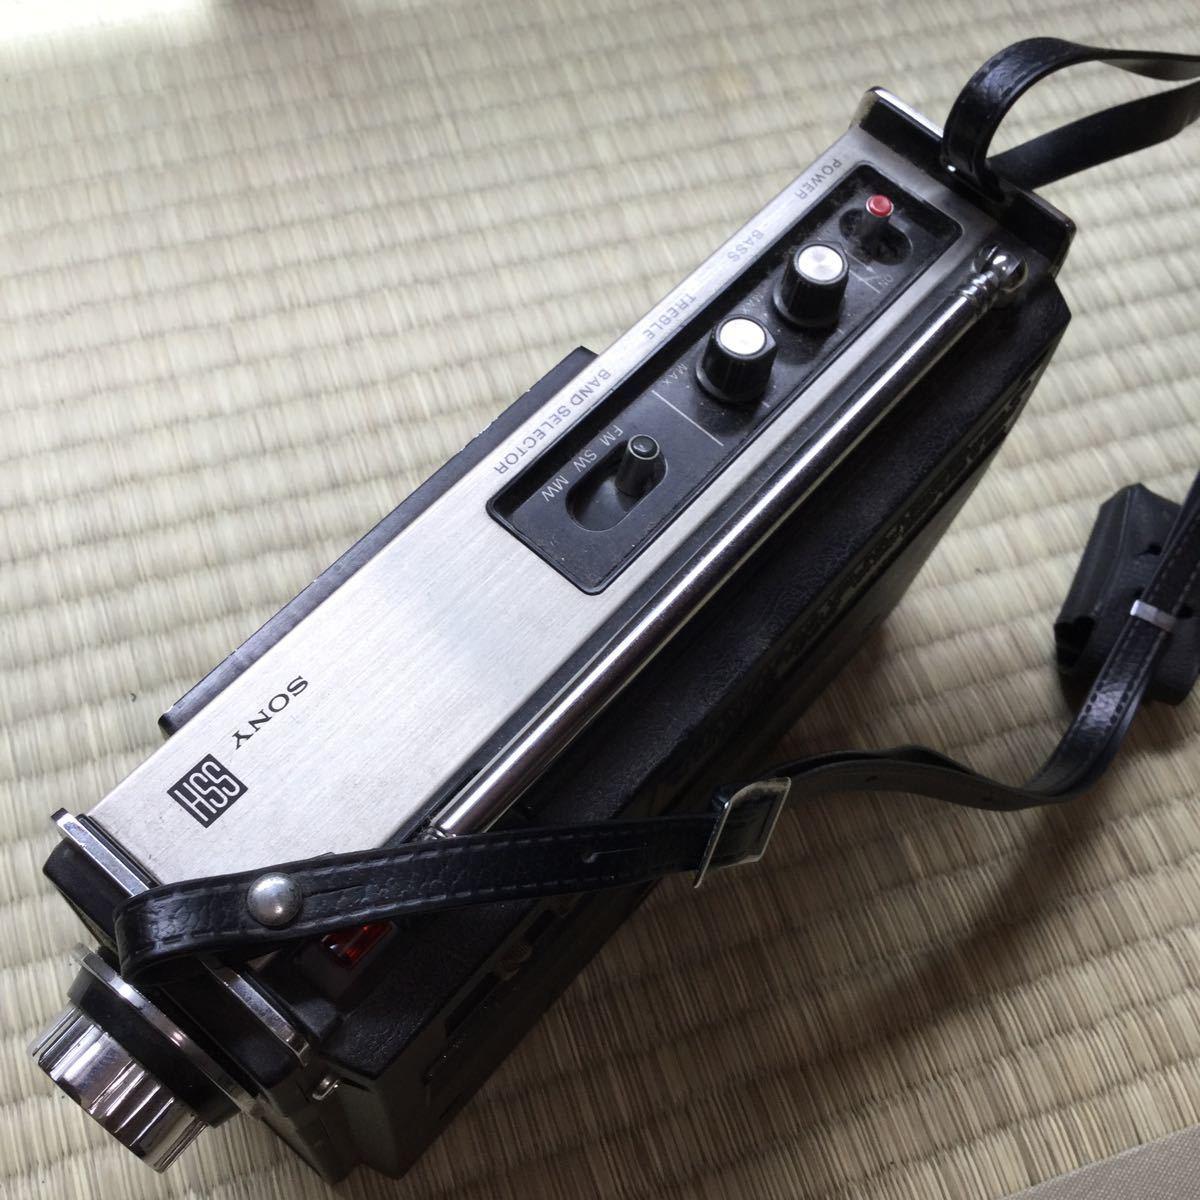 SONY ソニー ICF-1100D THE11D SW/MW/FM 3バンド ラジオ ジャンク_画像2